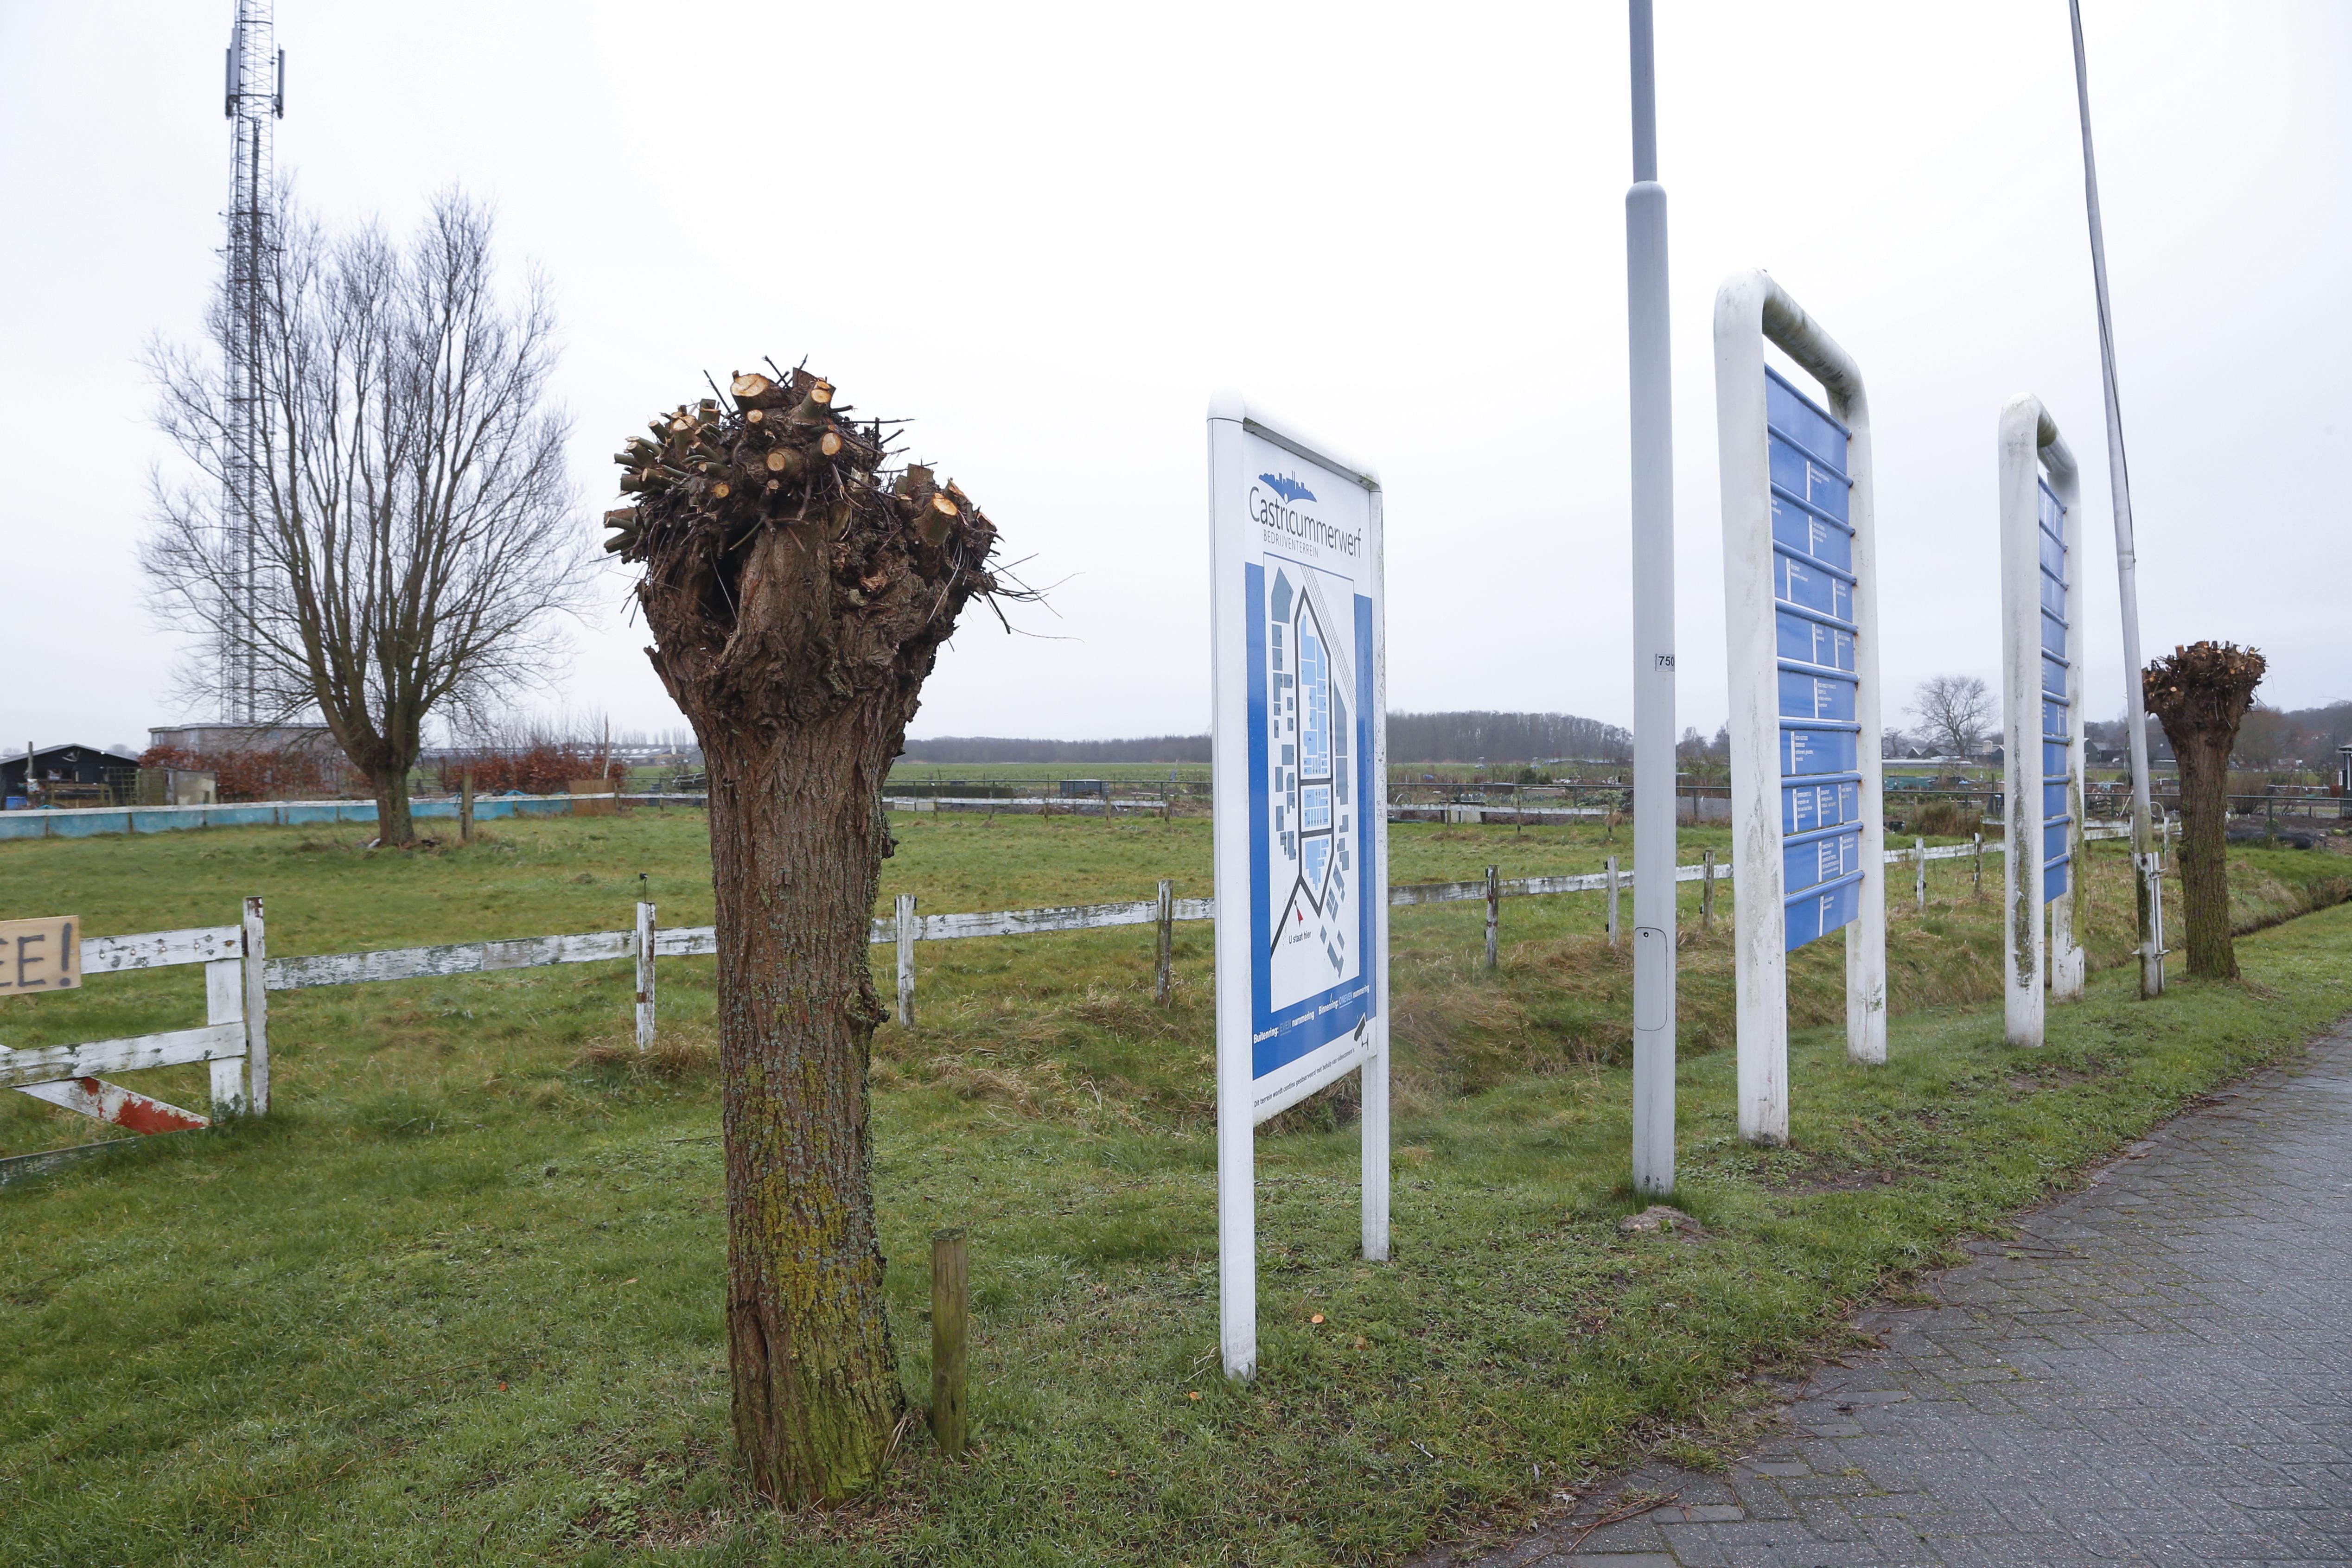 Van de 80 beoogde flexwoningen op de Castricummerwerf zijn er 24 over: 'De nood is hoog, laten we hier mee beginnen'